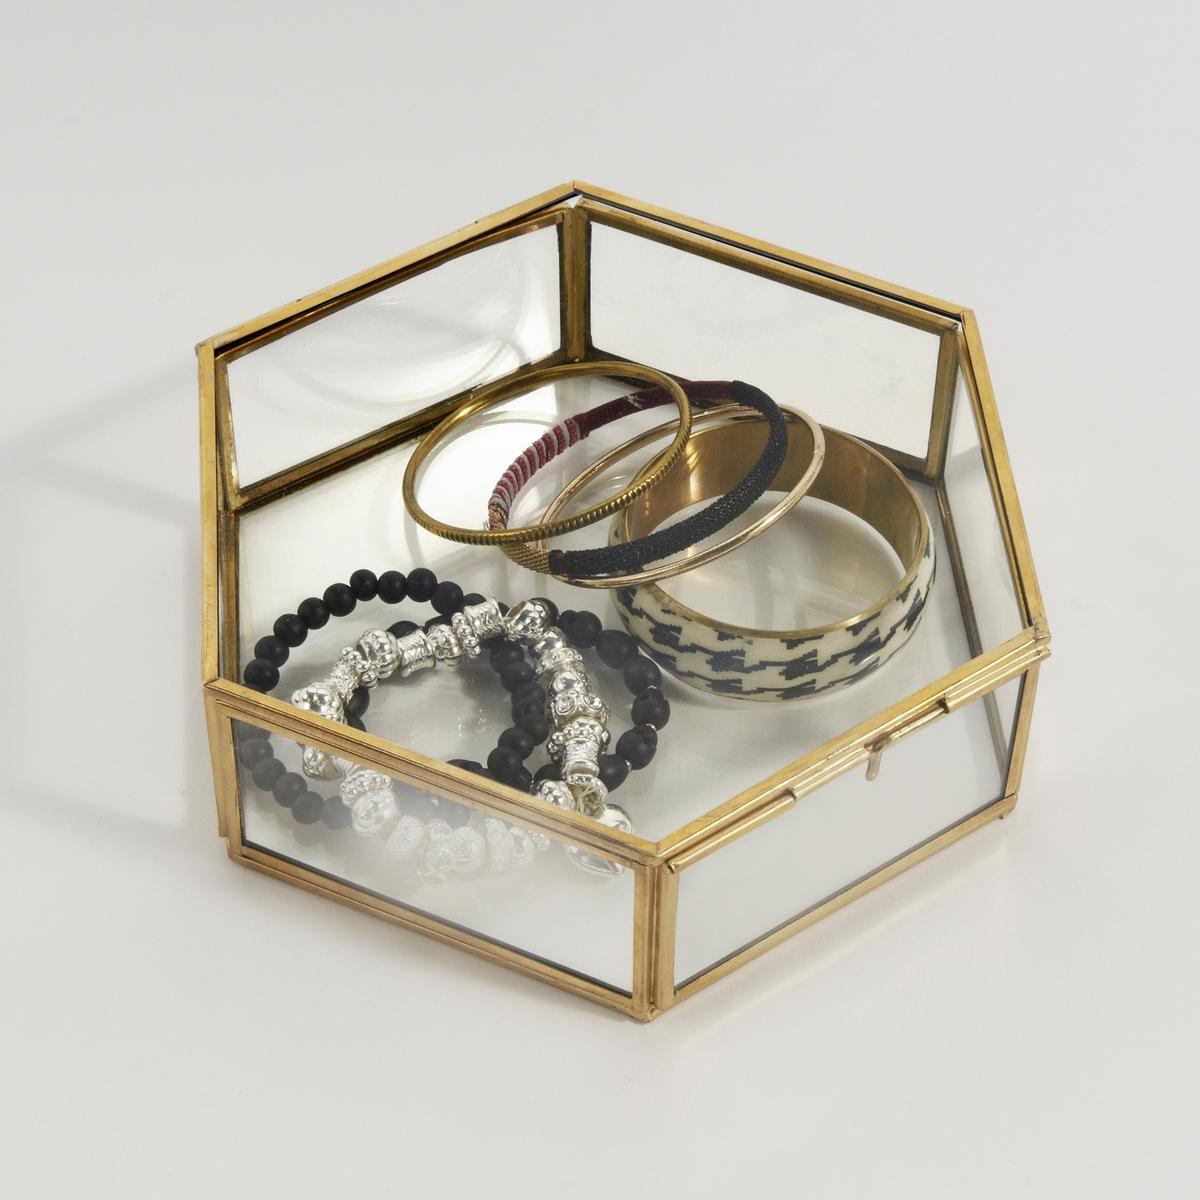 Коробка шестиугольная из стекла и латуни UyovaКоробка из стекла и латуни Uyova, очаровательный предмет декора. Характеристики коробки из стекла и латуни Uyova :Каркас из металла с отделкой из латуниГрани из стекла. Коробка с крышкойВсю коллекцию Uyova вы можете найти на сайте laredoute.ruРазмеры коробки из стекла и латуни Uyova :В.6 x Ш.20 x Г.18 см<br><br>Цвет: латунь